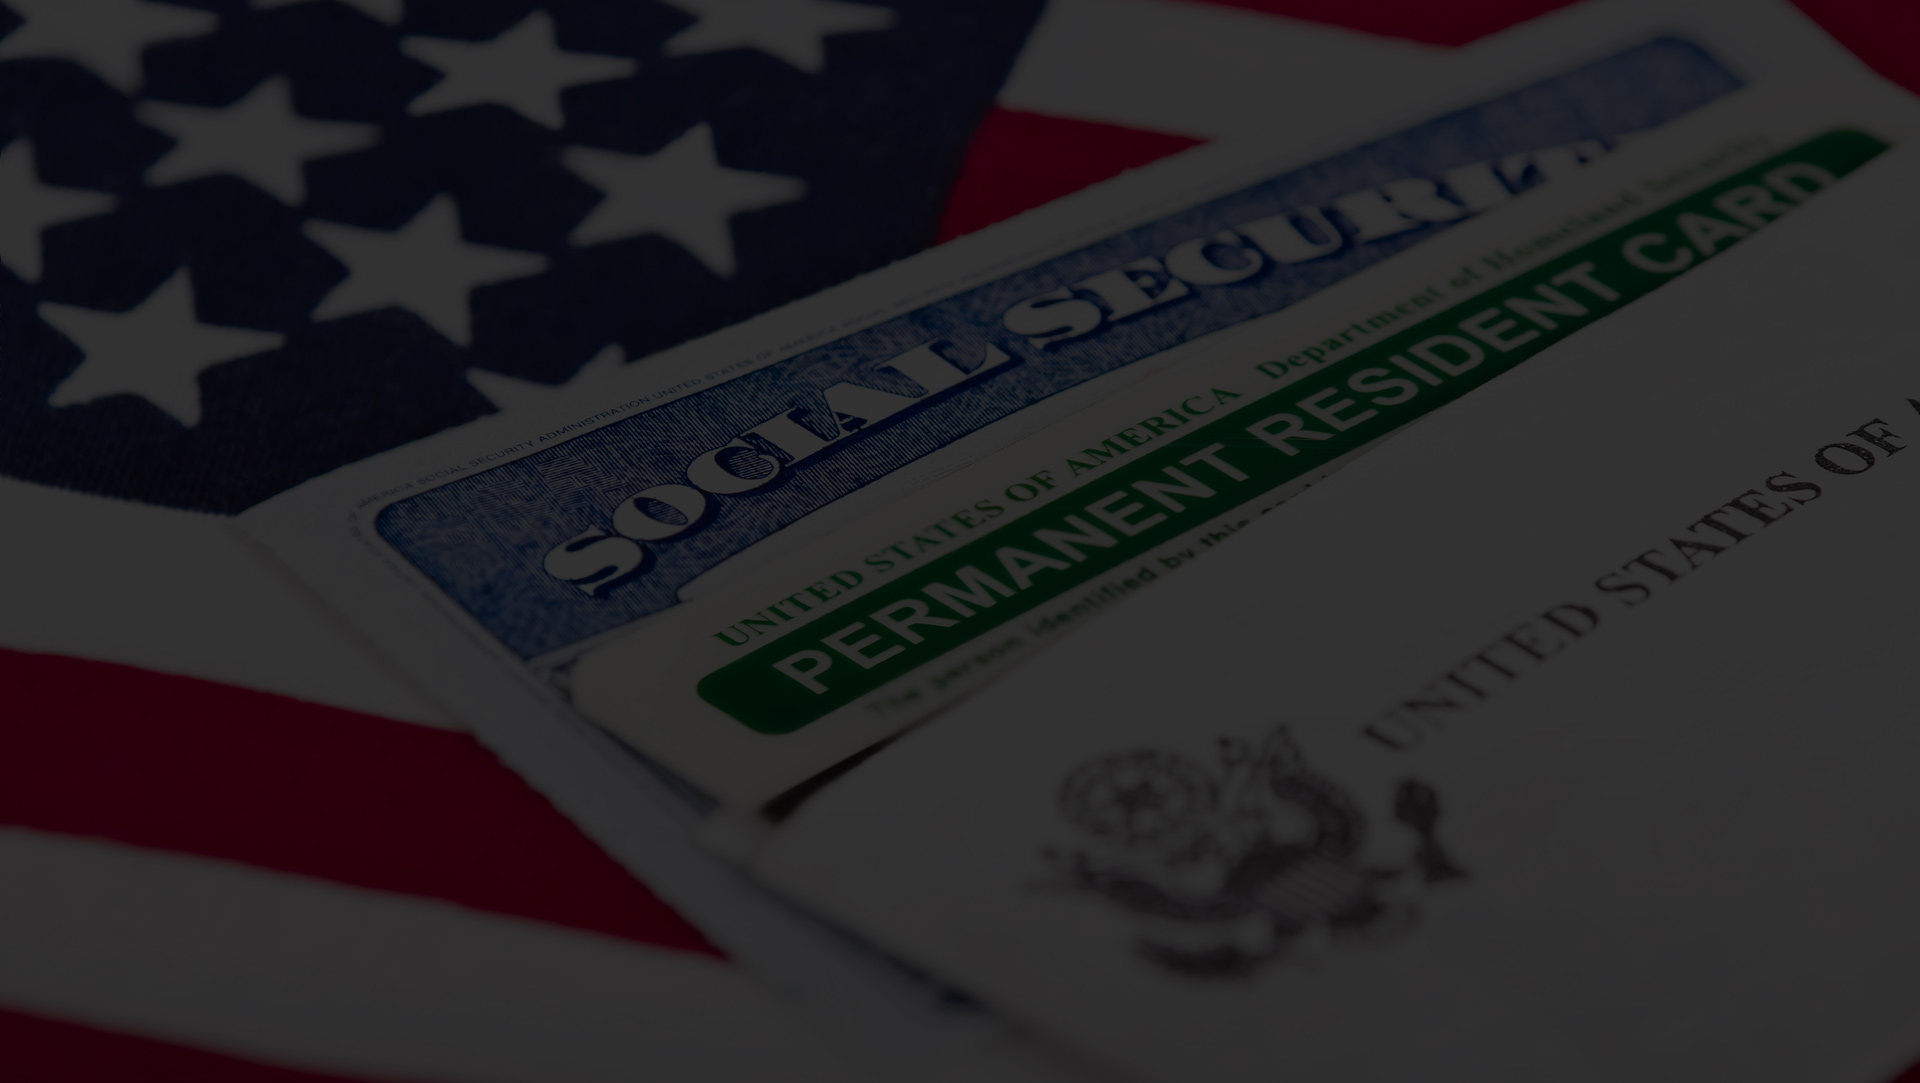 Іміграцыя ў ЗША: тэст паводле новых правілаў